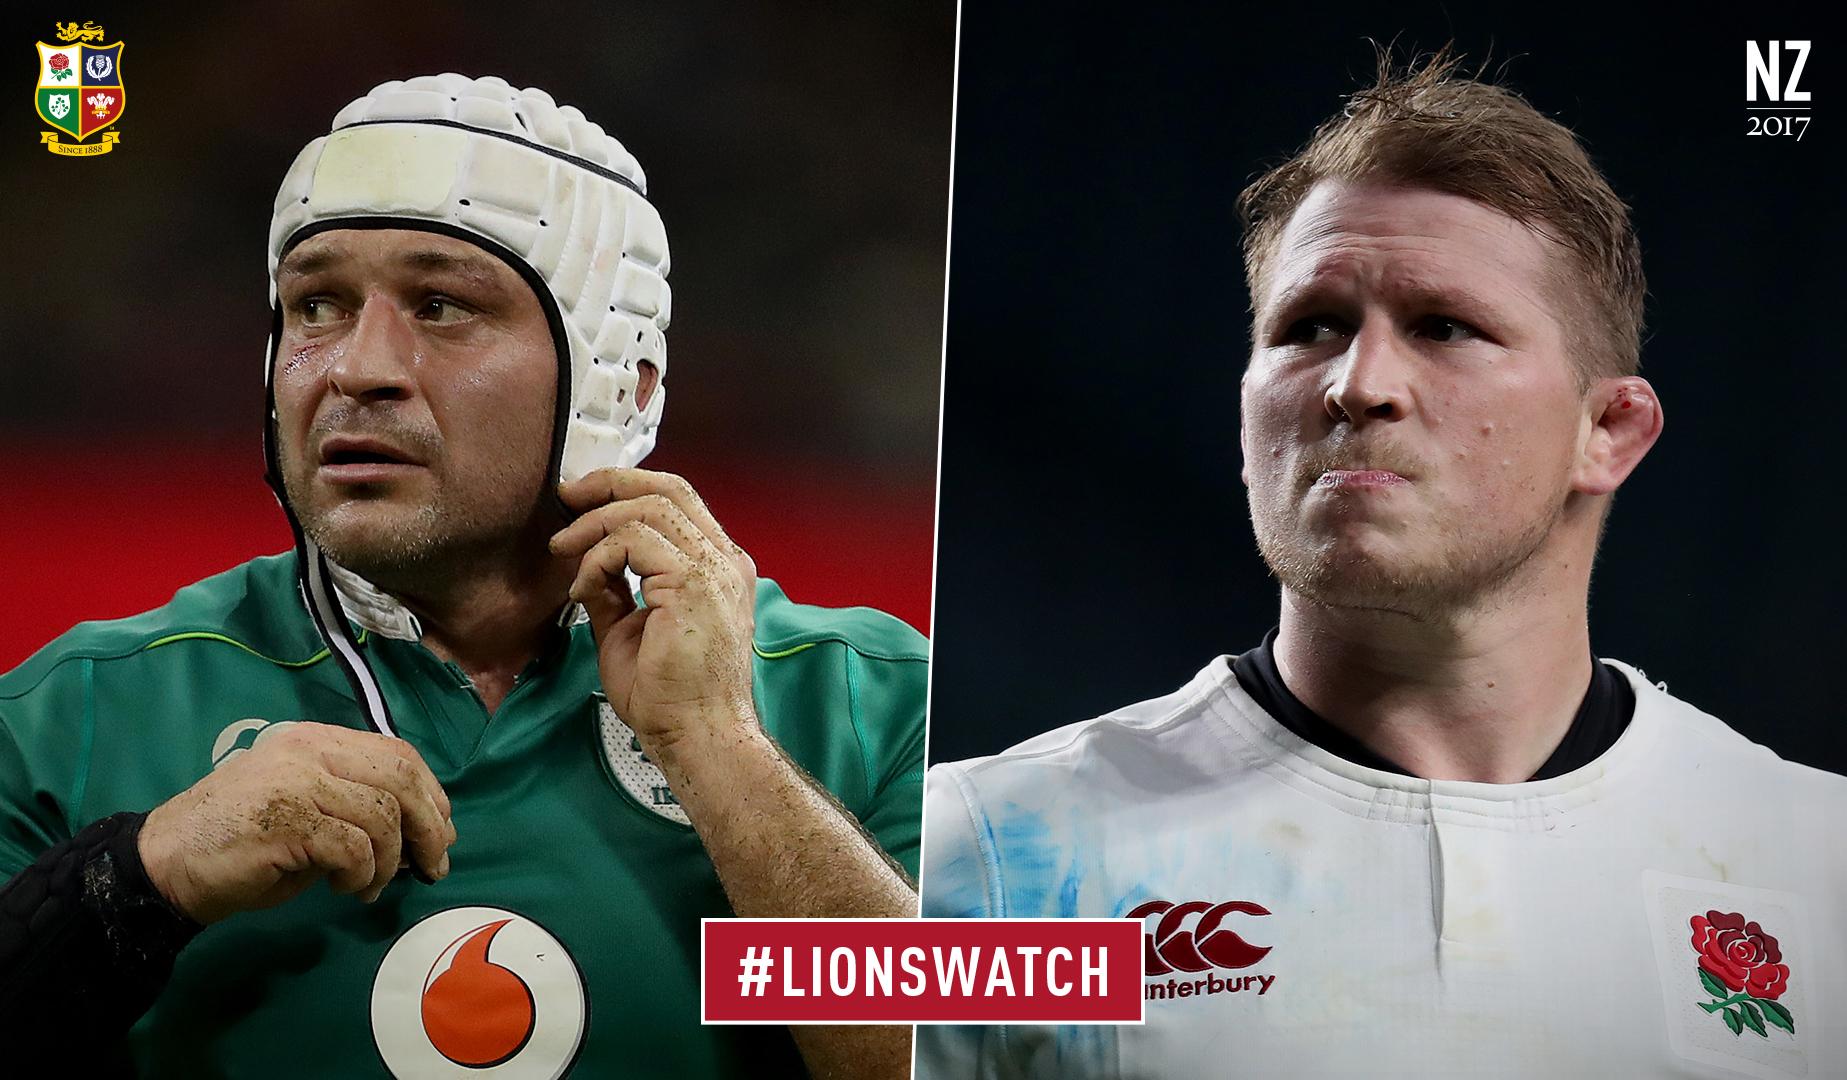 LionsWatch: Ireland v England preview